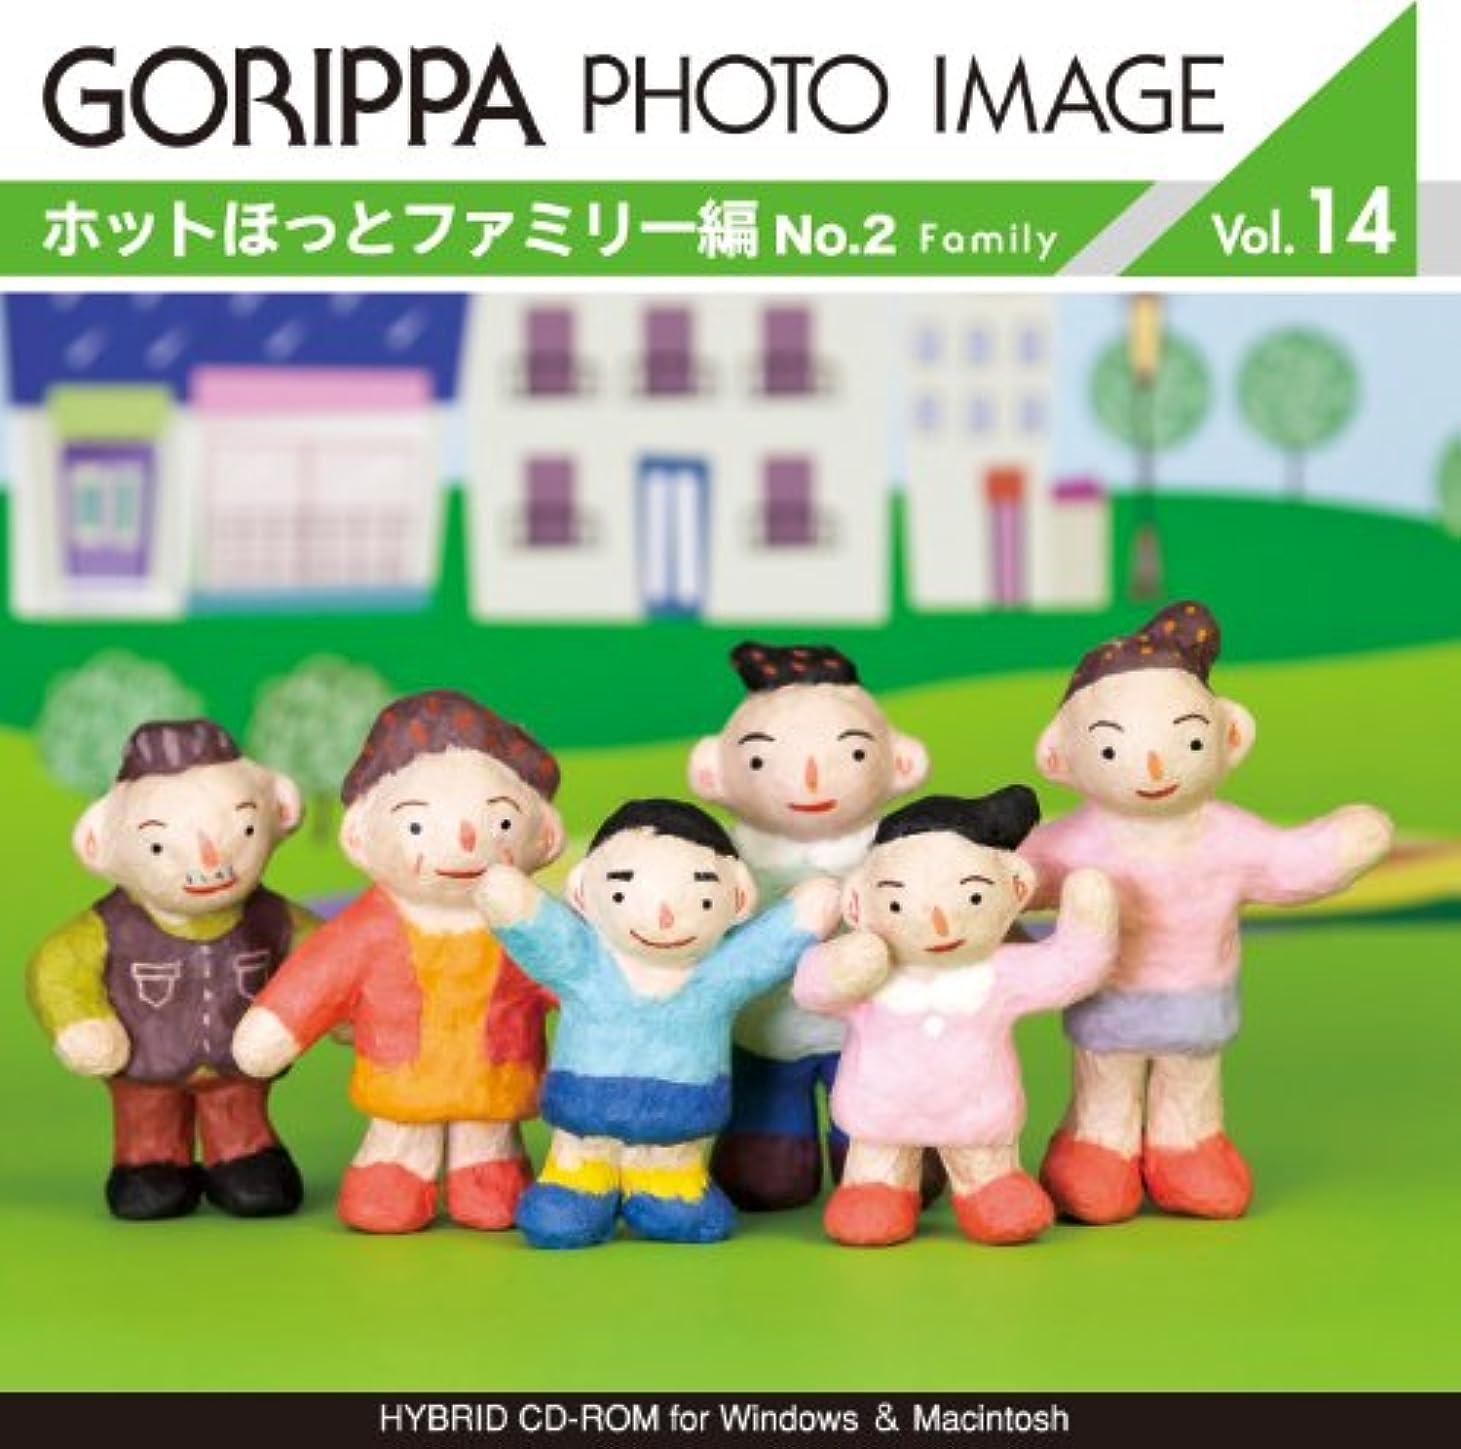 急性満員革命GORIPPA PHOTO IMAGE vol.14 ?ホットほっとファミリー編 No.2?